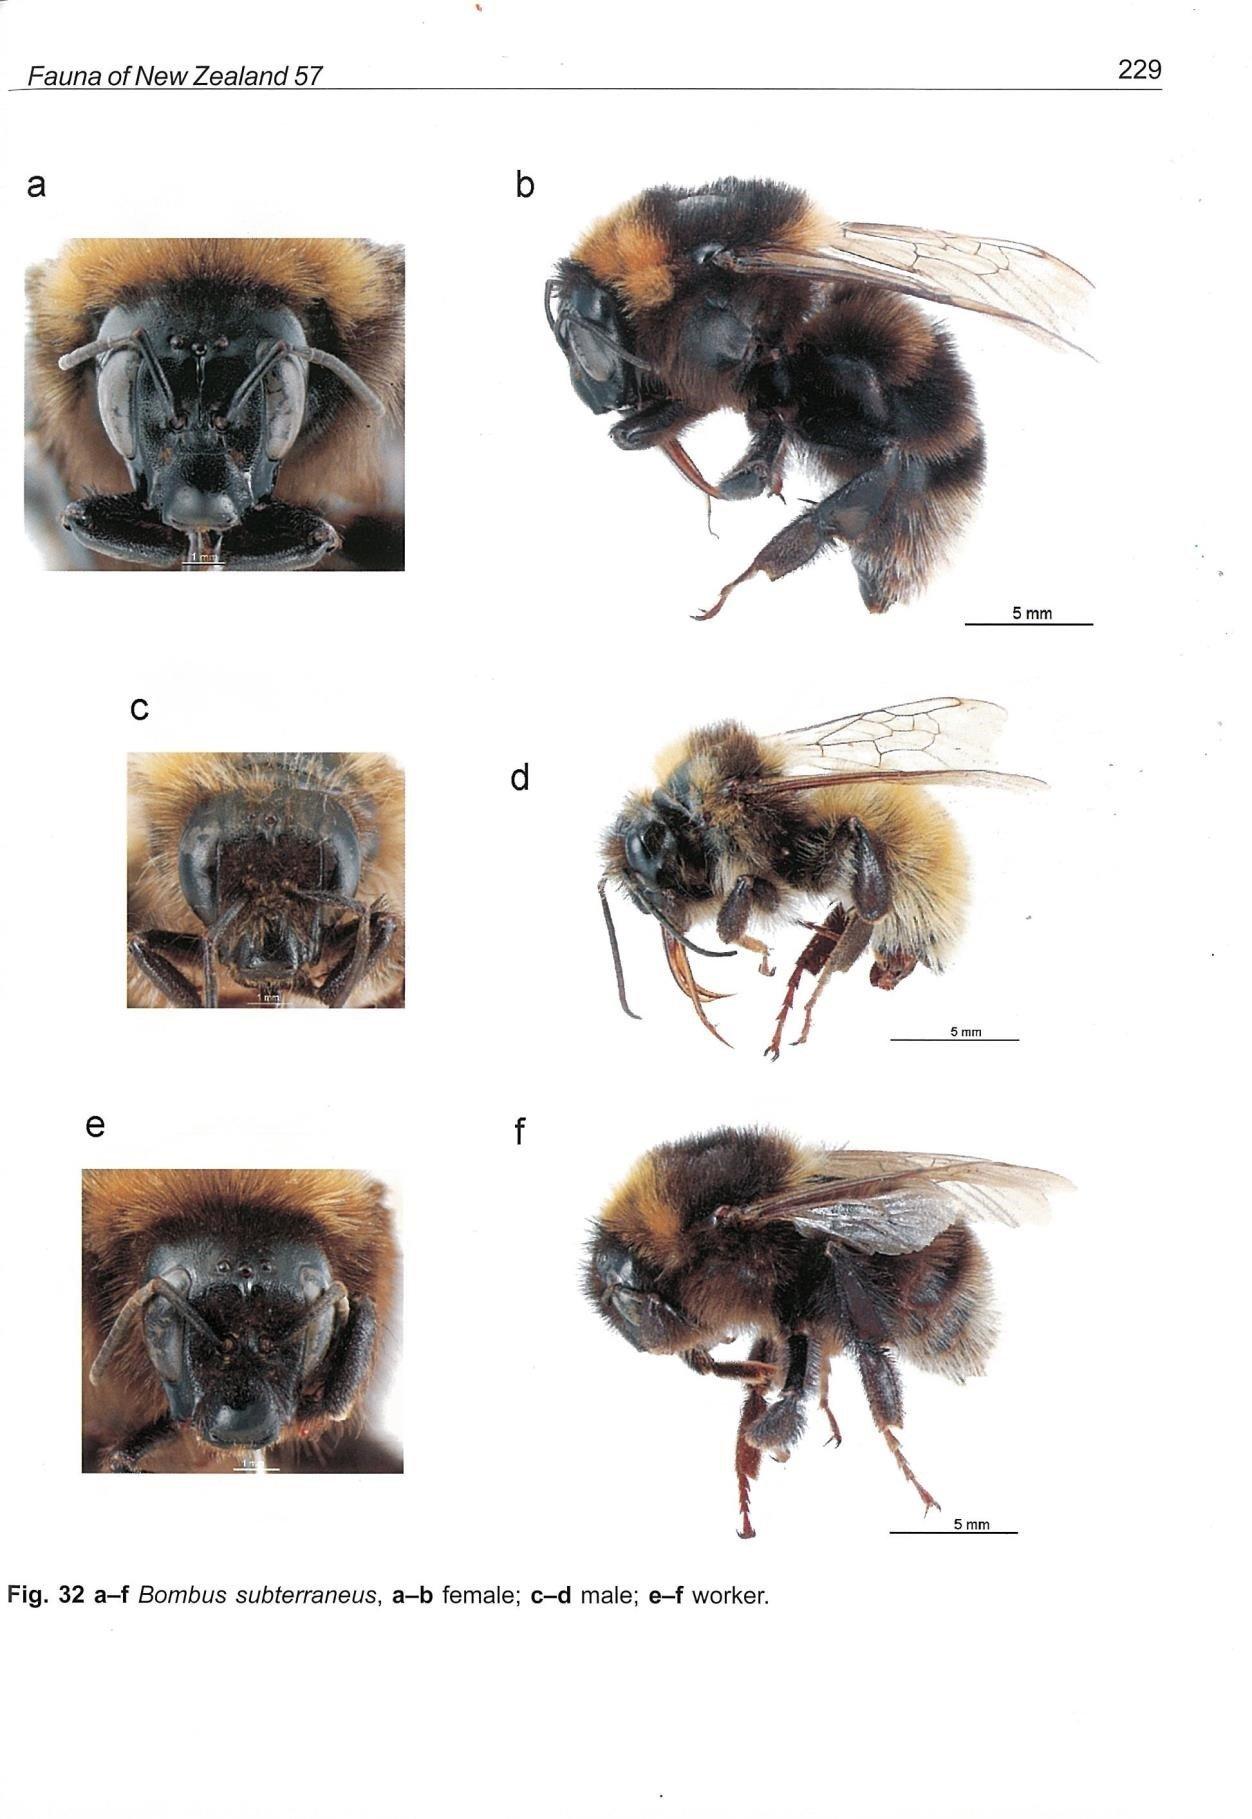 Close ups of Bombus Subterraneus bee